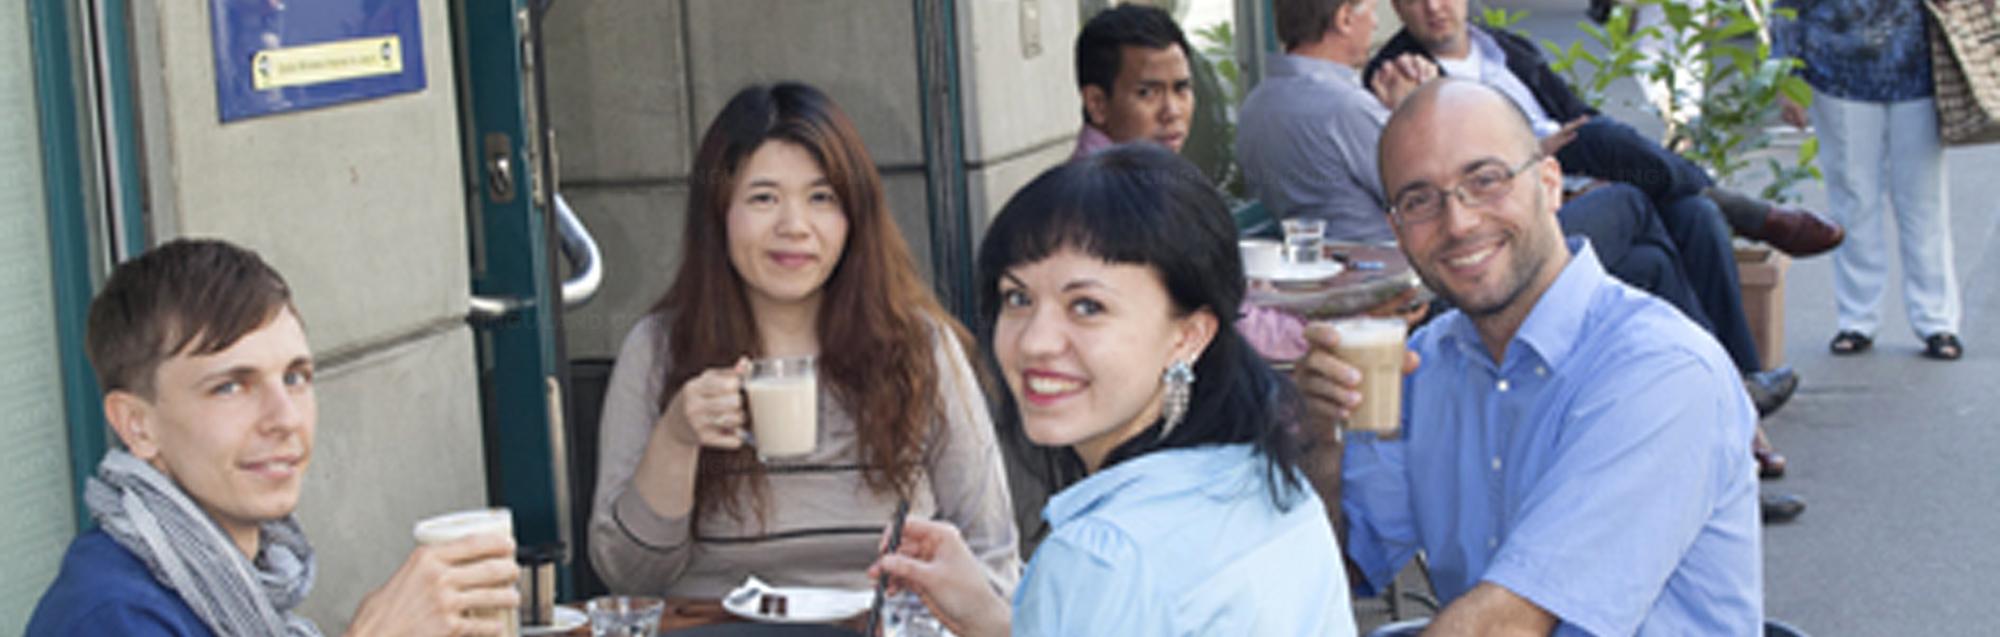 Cours de langue à LSI Zürich